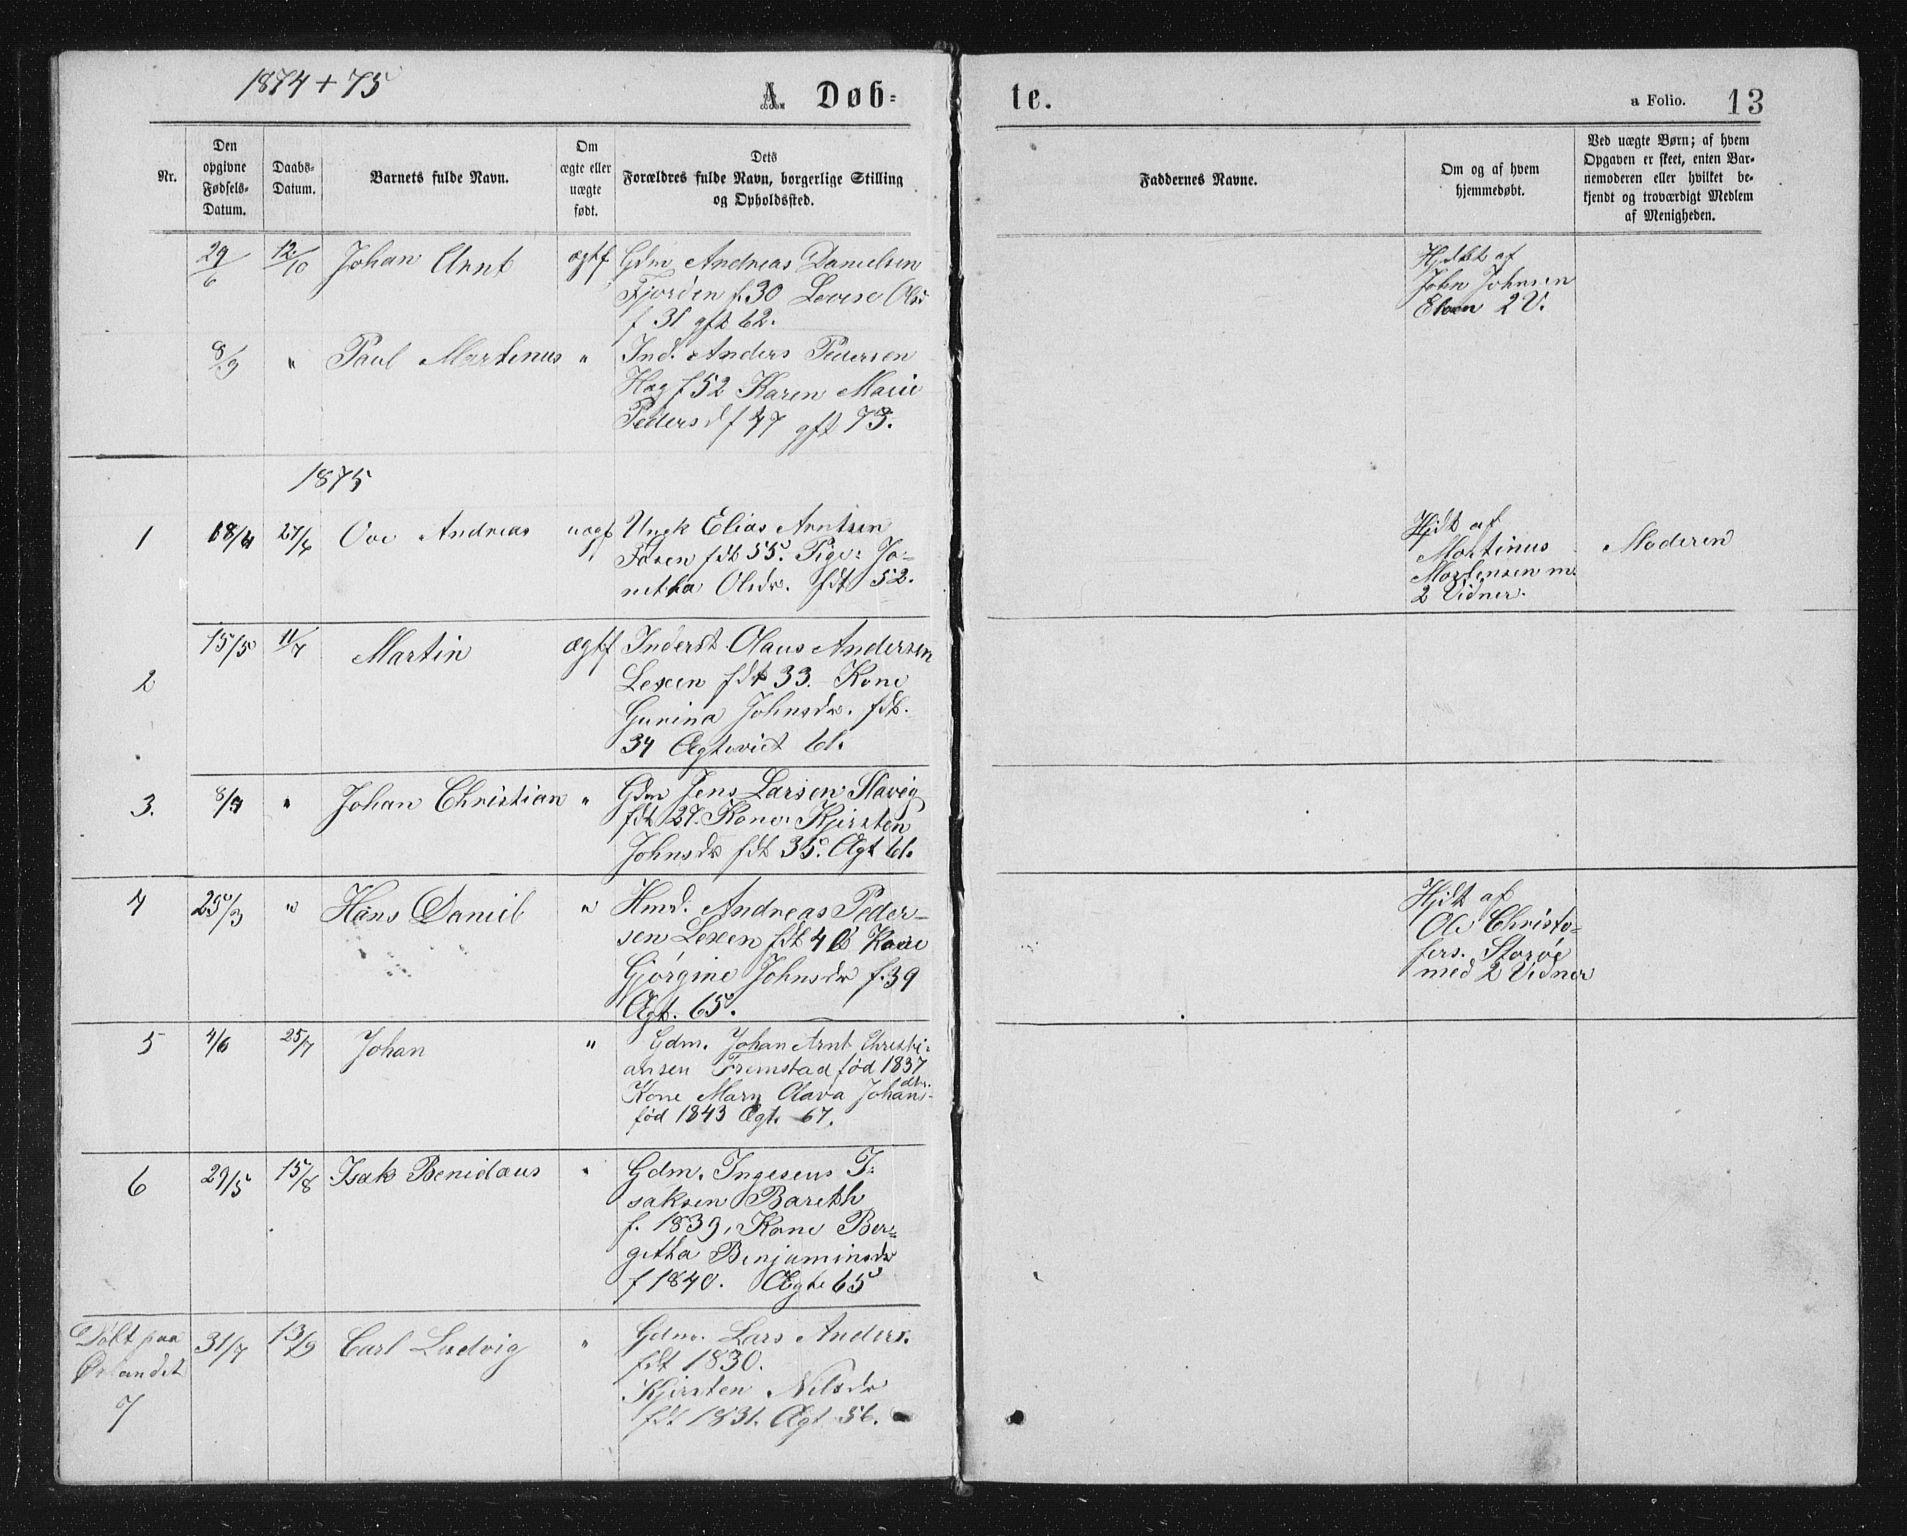 SAT, Ministerialprotokoller, klokkerbøker og fødselsregistre - Sør-Trøndelag, 662/L0756: Klokkerbok nr. 662C01, 1869-1891, s. 13